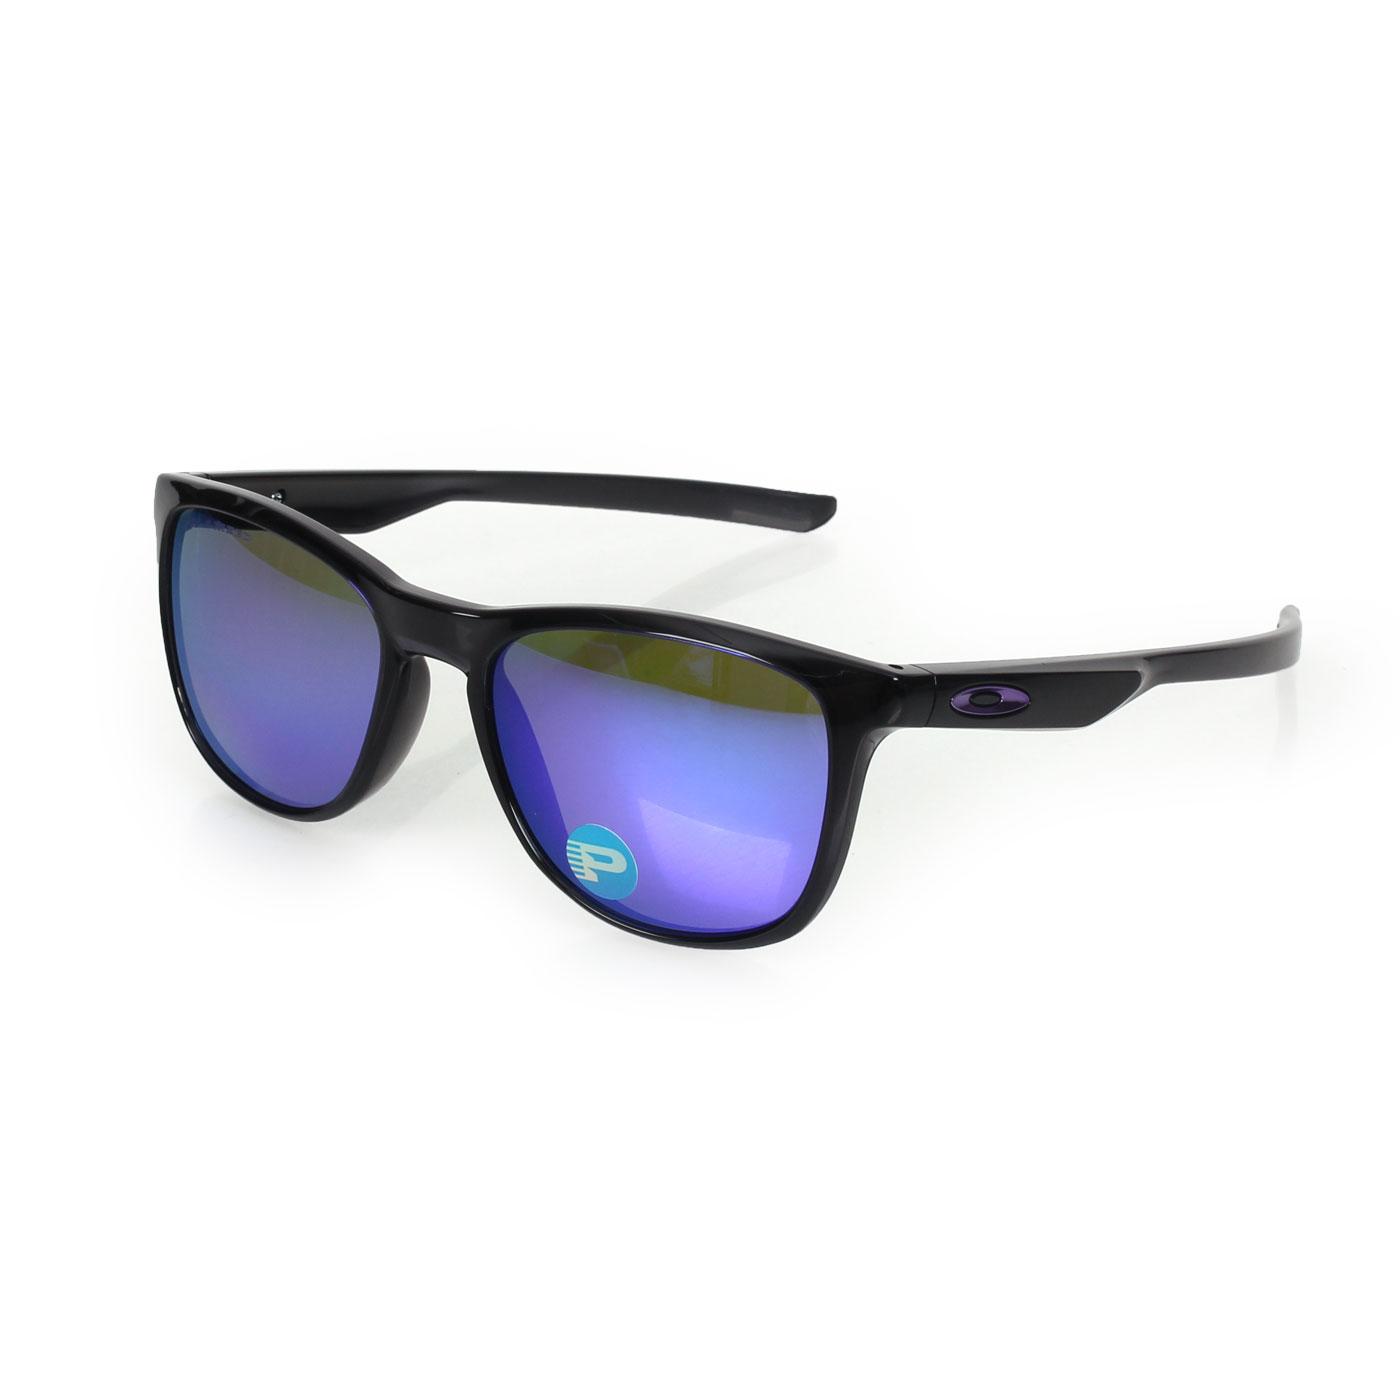 OAKLEY Trillbe X Pol免運附鏡袋無鼻墊抗UV太陽眼鏡威達運動